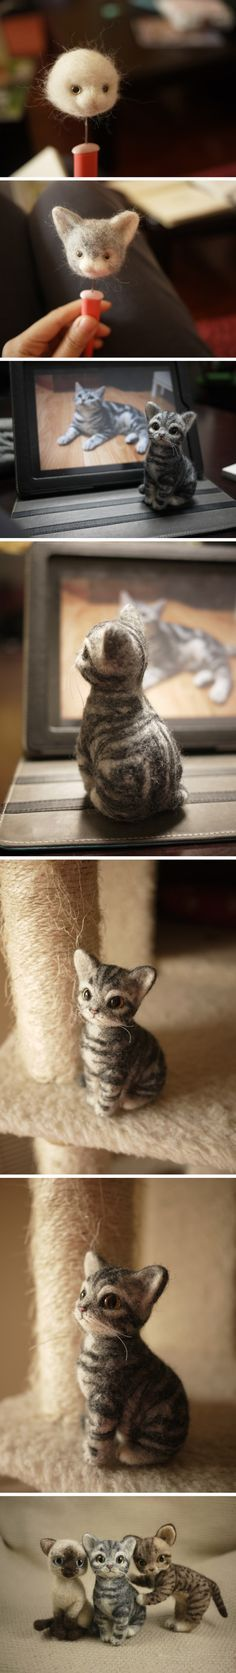 Demais!!! Handmade Felt - Cats